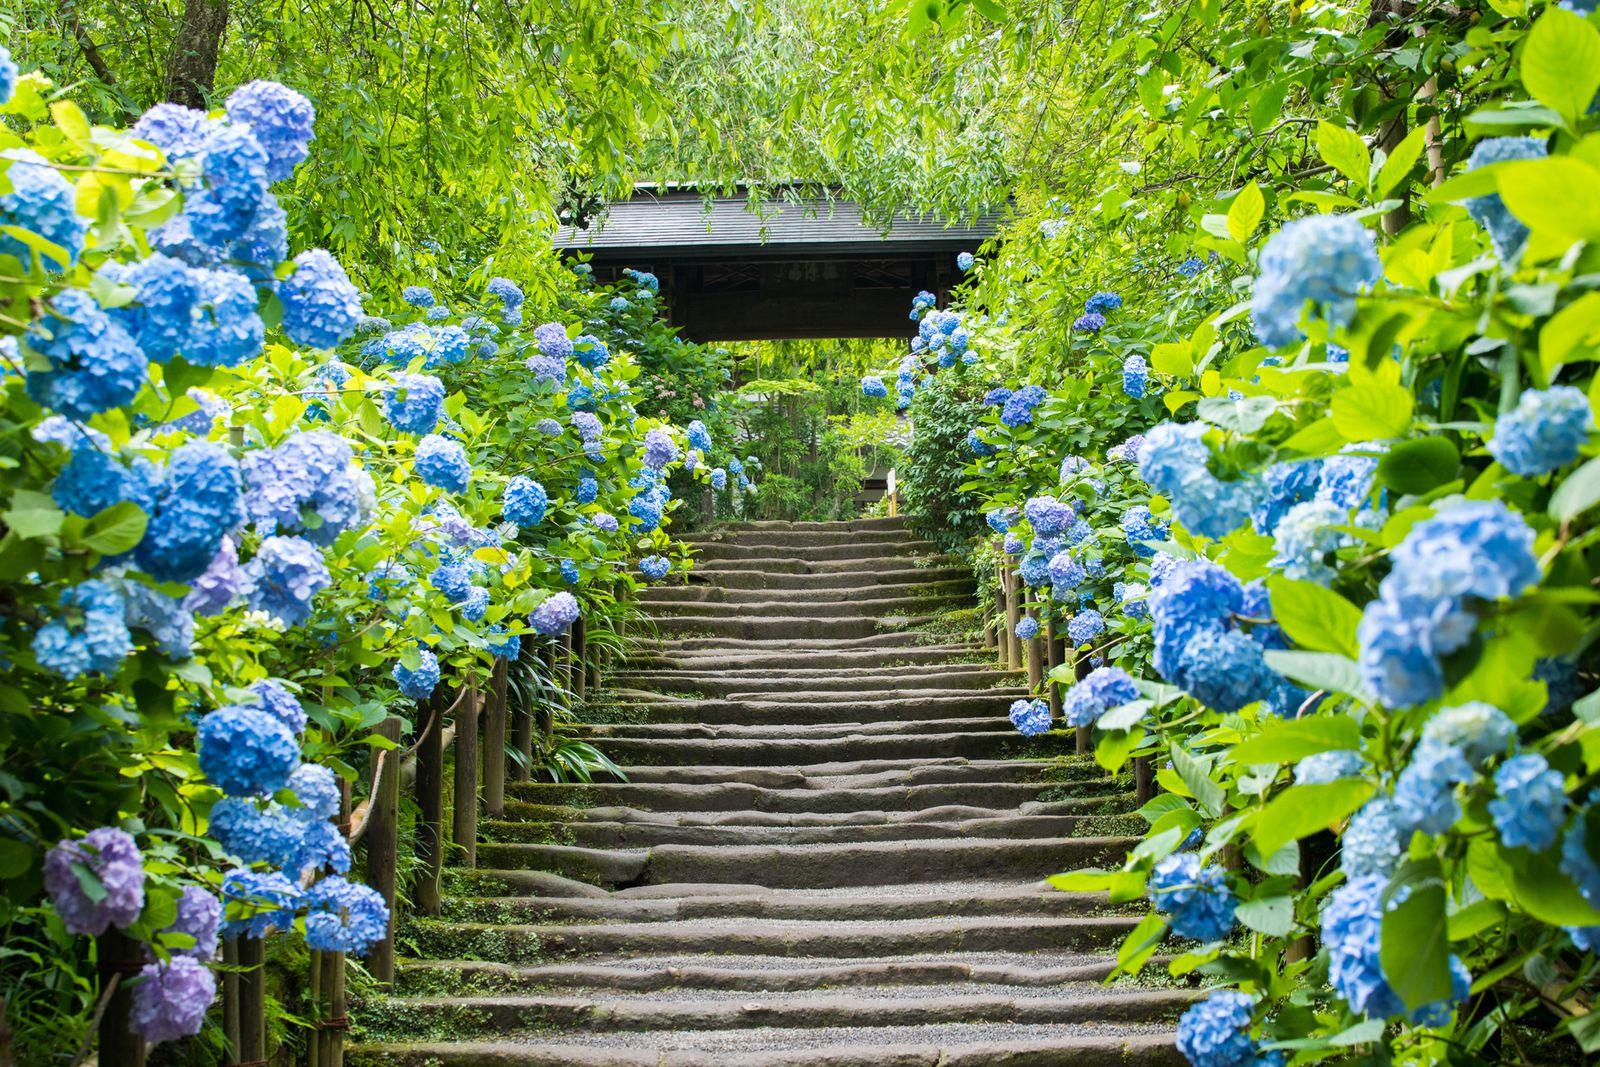 観光で訪れたい人気スポット!鎌倉のおすすめ神社・寺ランキングTOP15 6枚目の画像